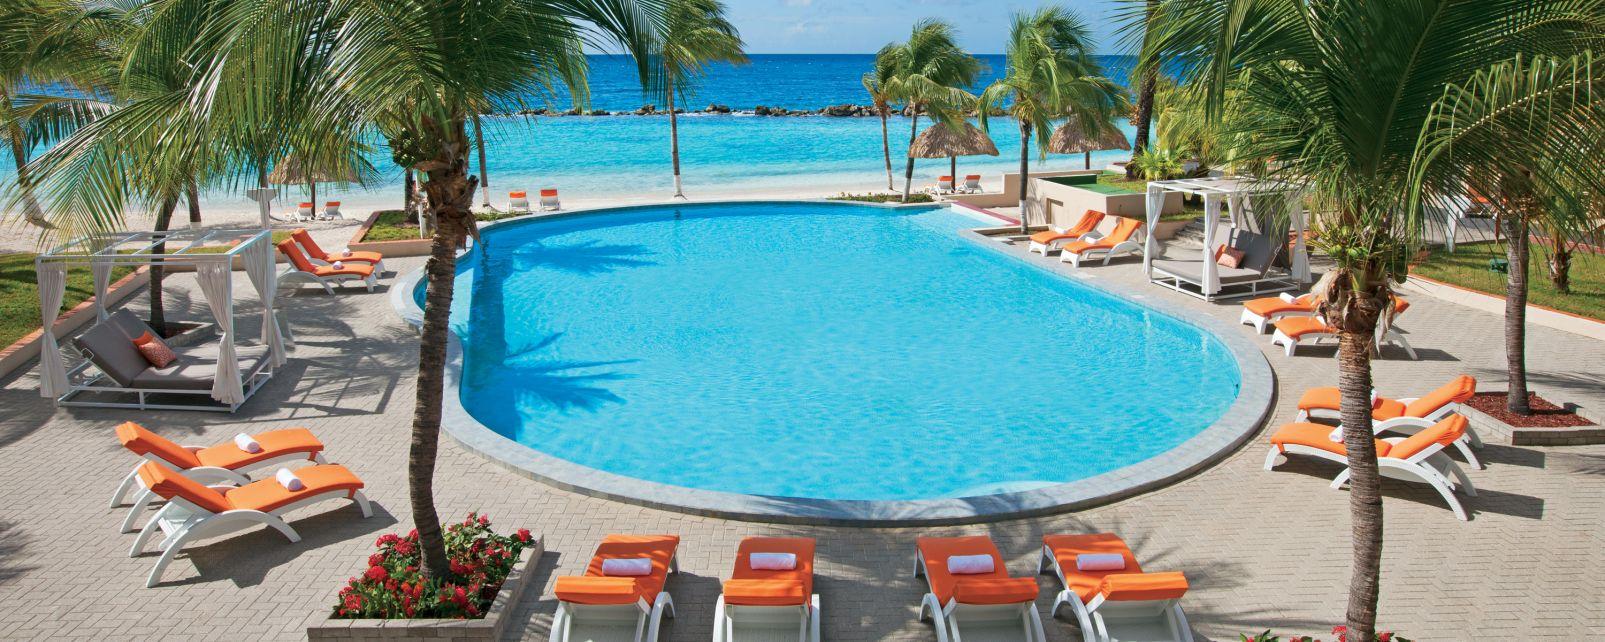 Club Coralia Sunscape Curaçao 4*